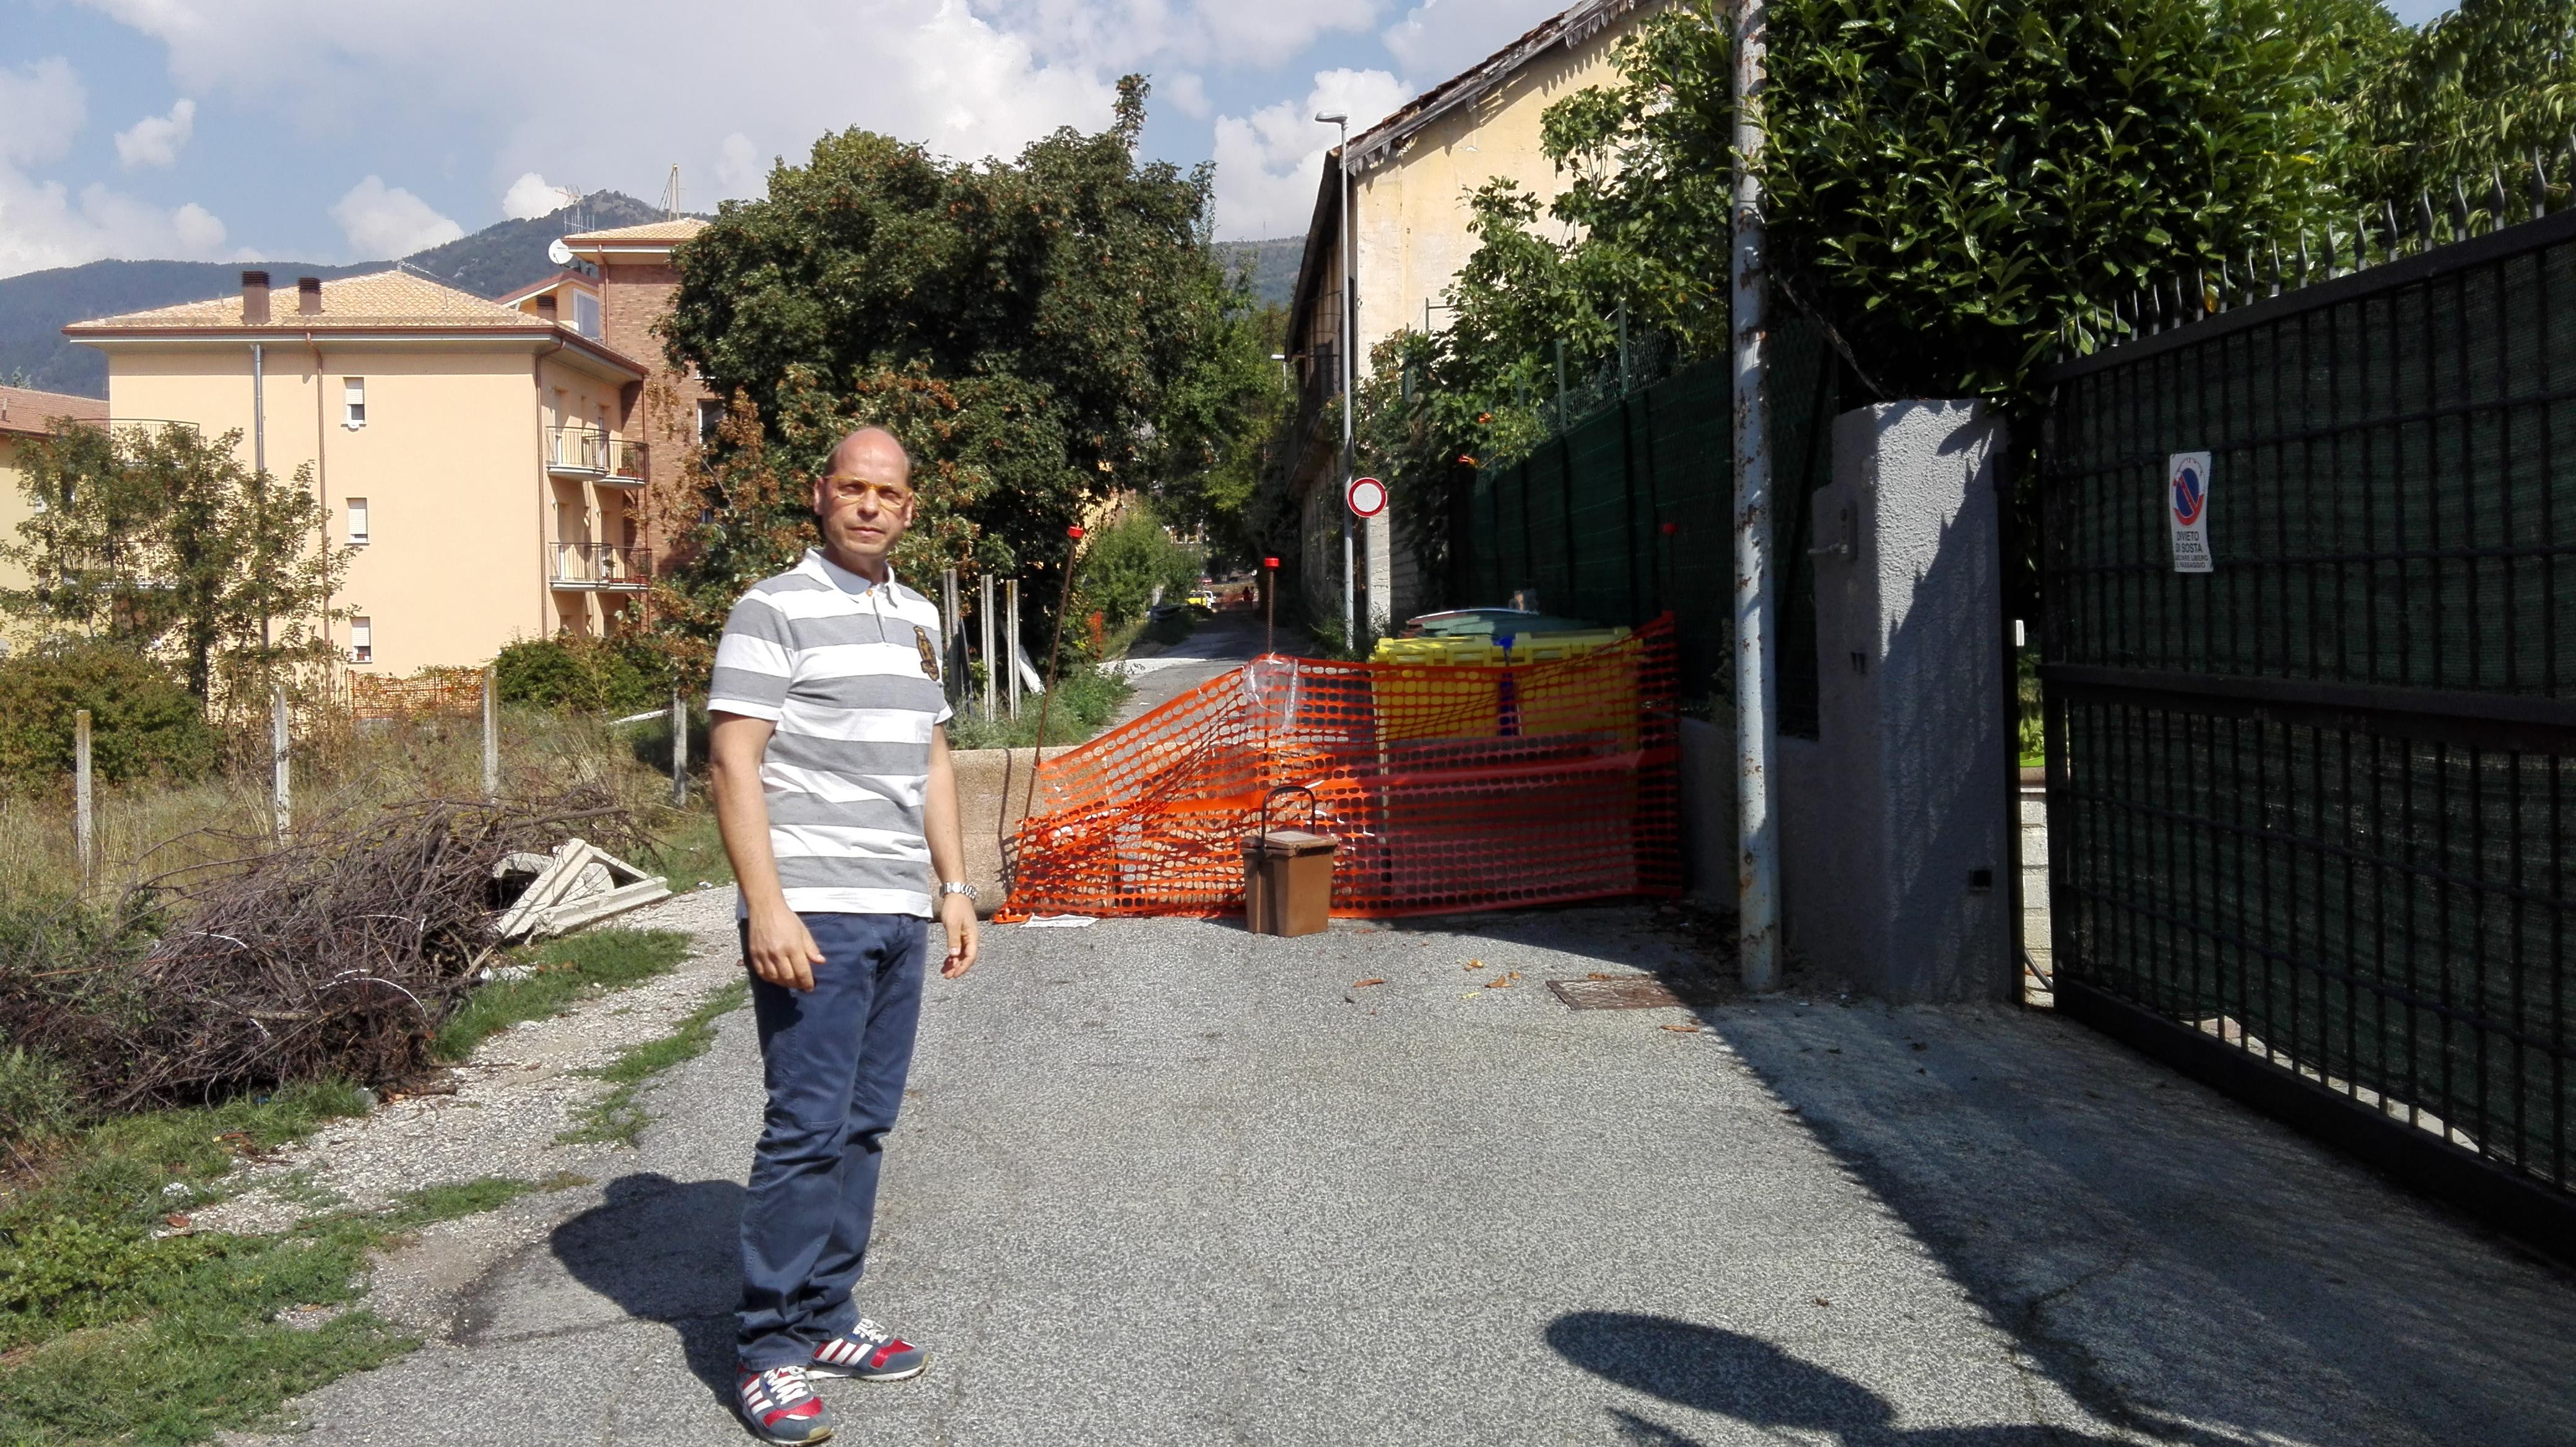 L'Aquila, strade chiuse in piena città: la rabbia dei cittadini